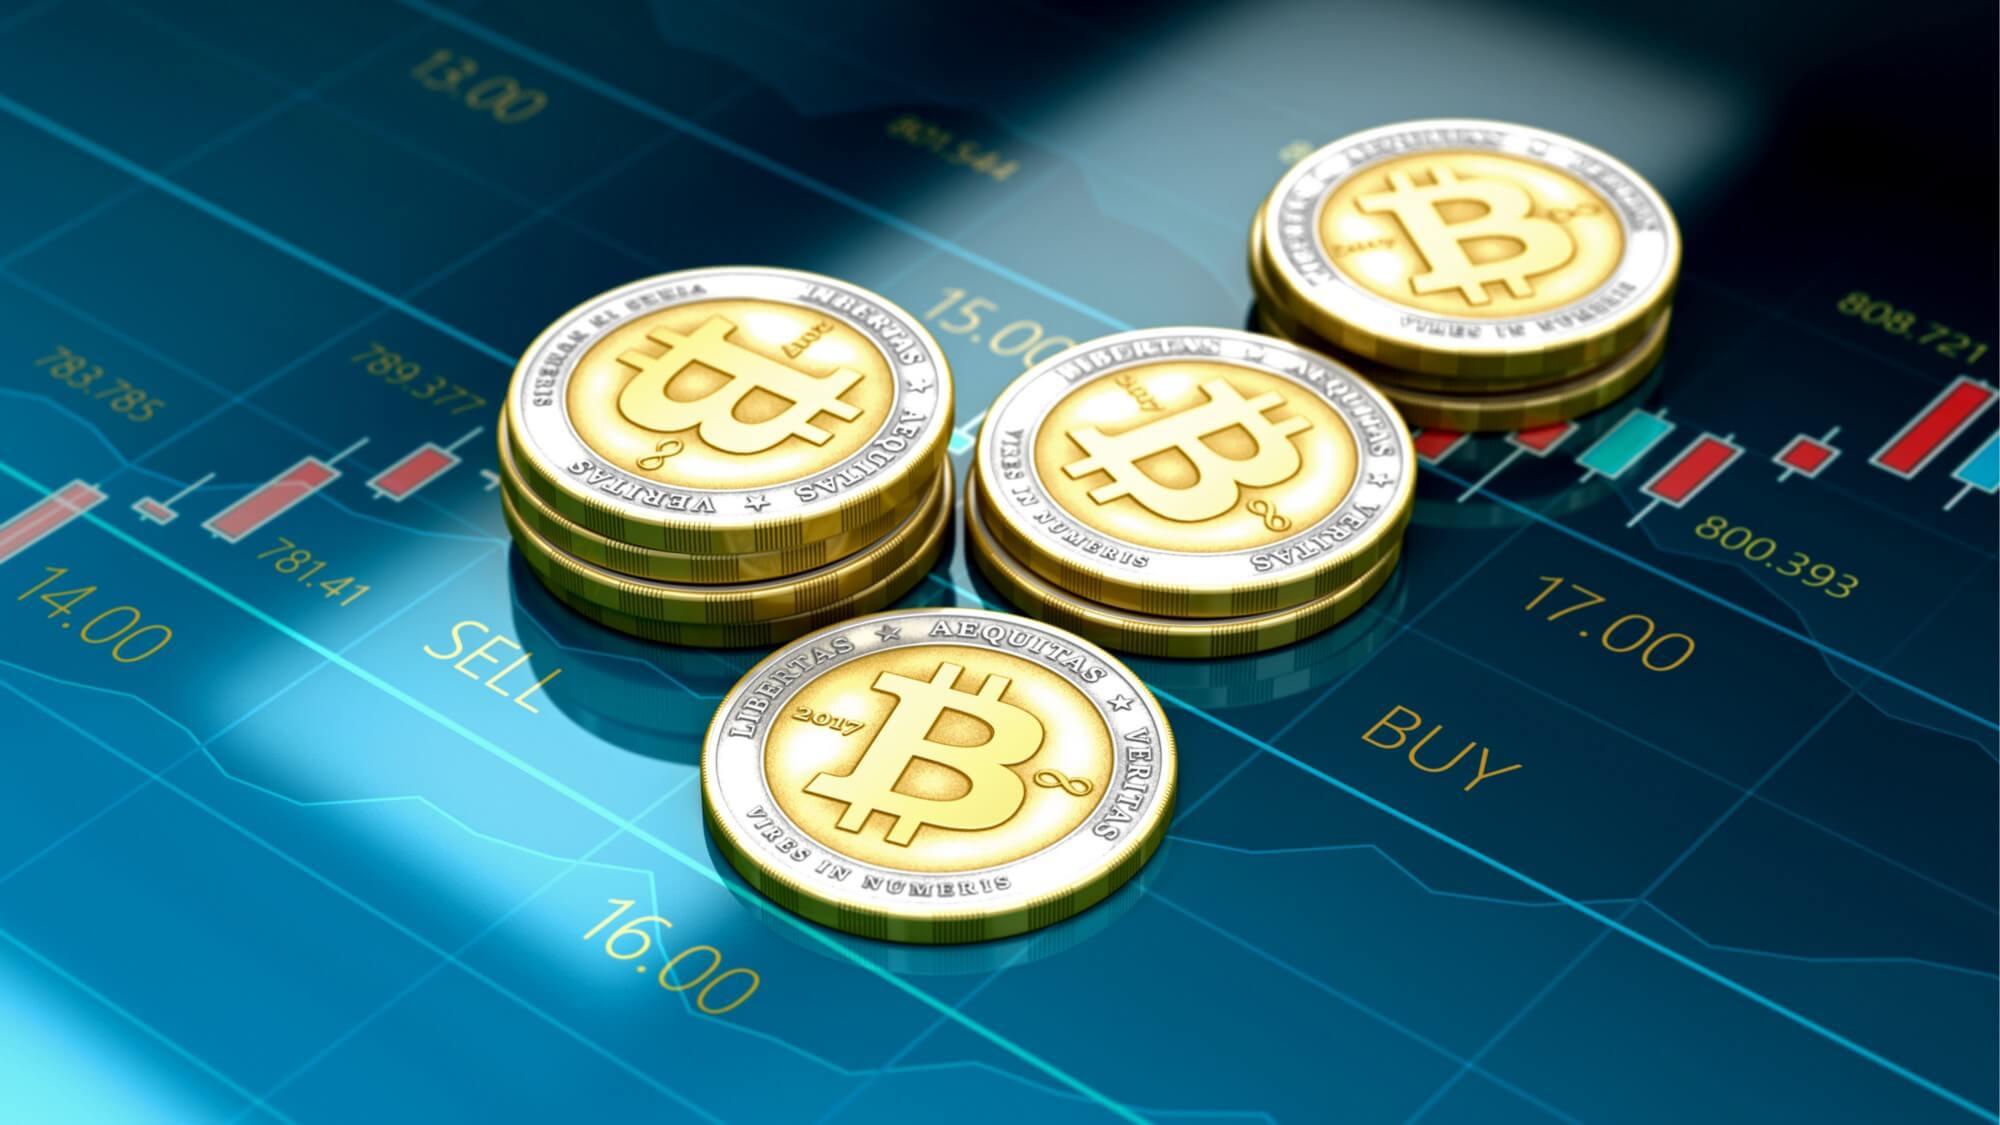 نصائح مهمة للمتداولين والمستثمرين المبتدئين والمحترفين في العملات المشفرة